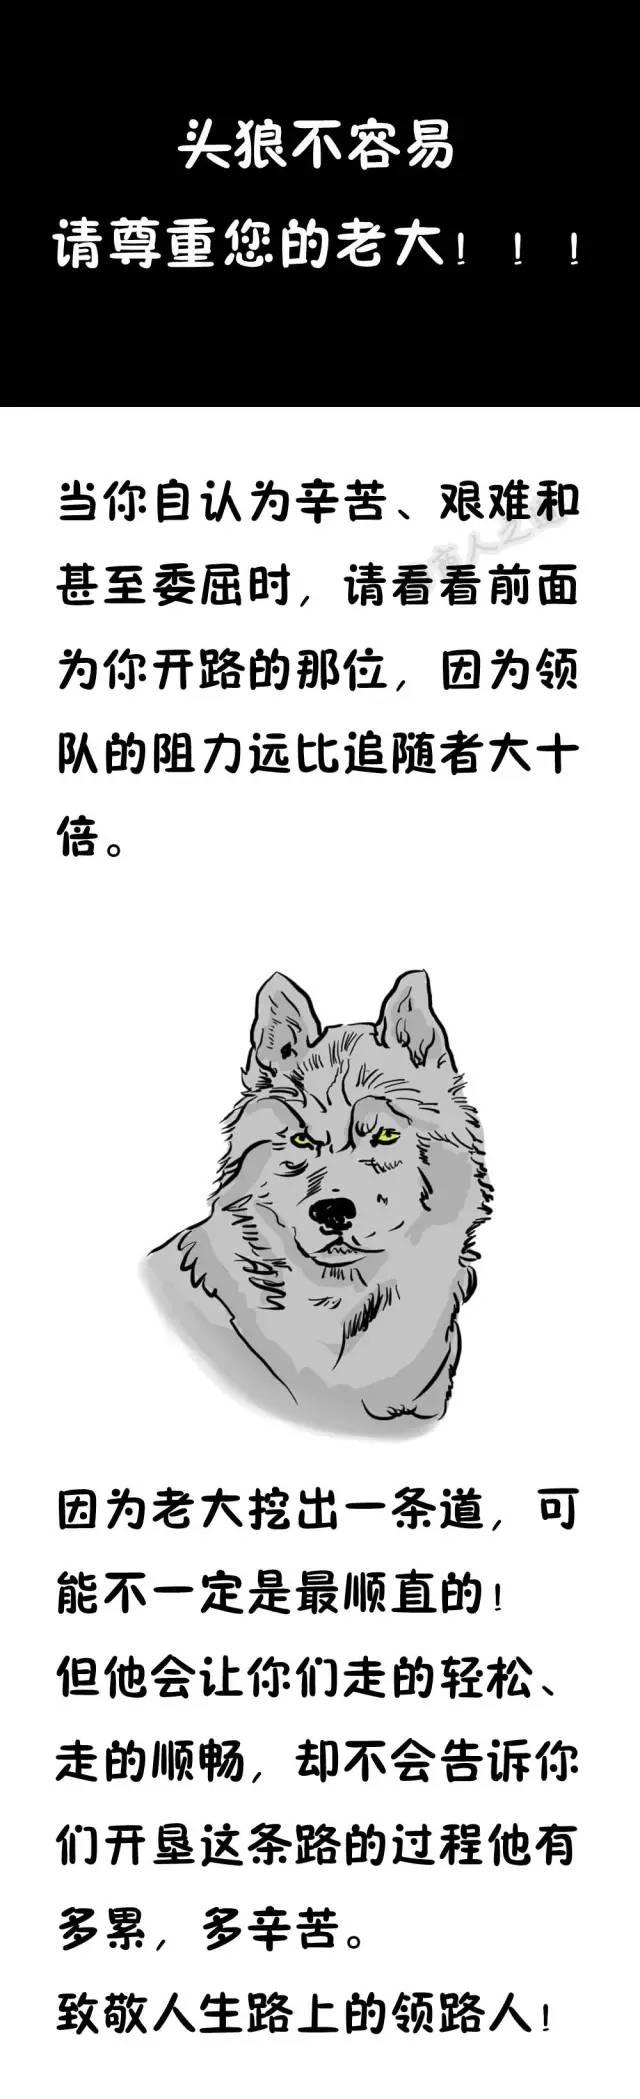 http://www.weixinrensheng.com/zhichang/430929.html